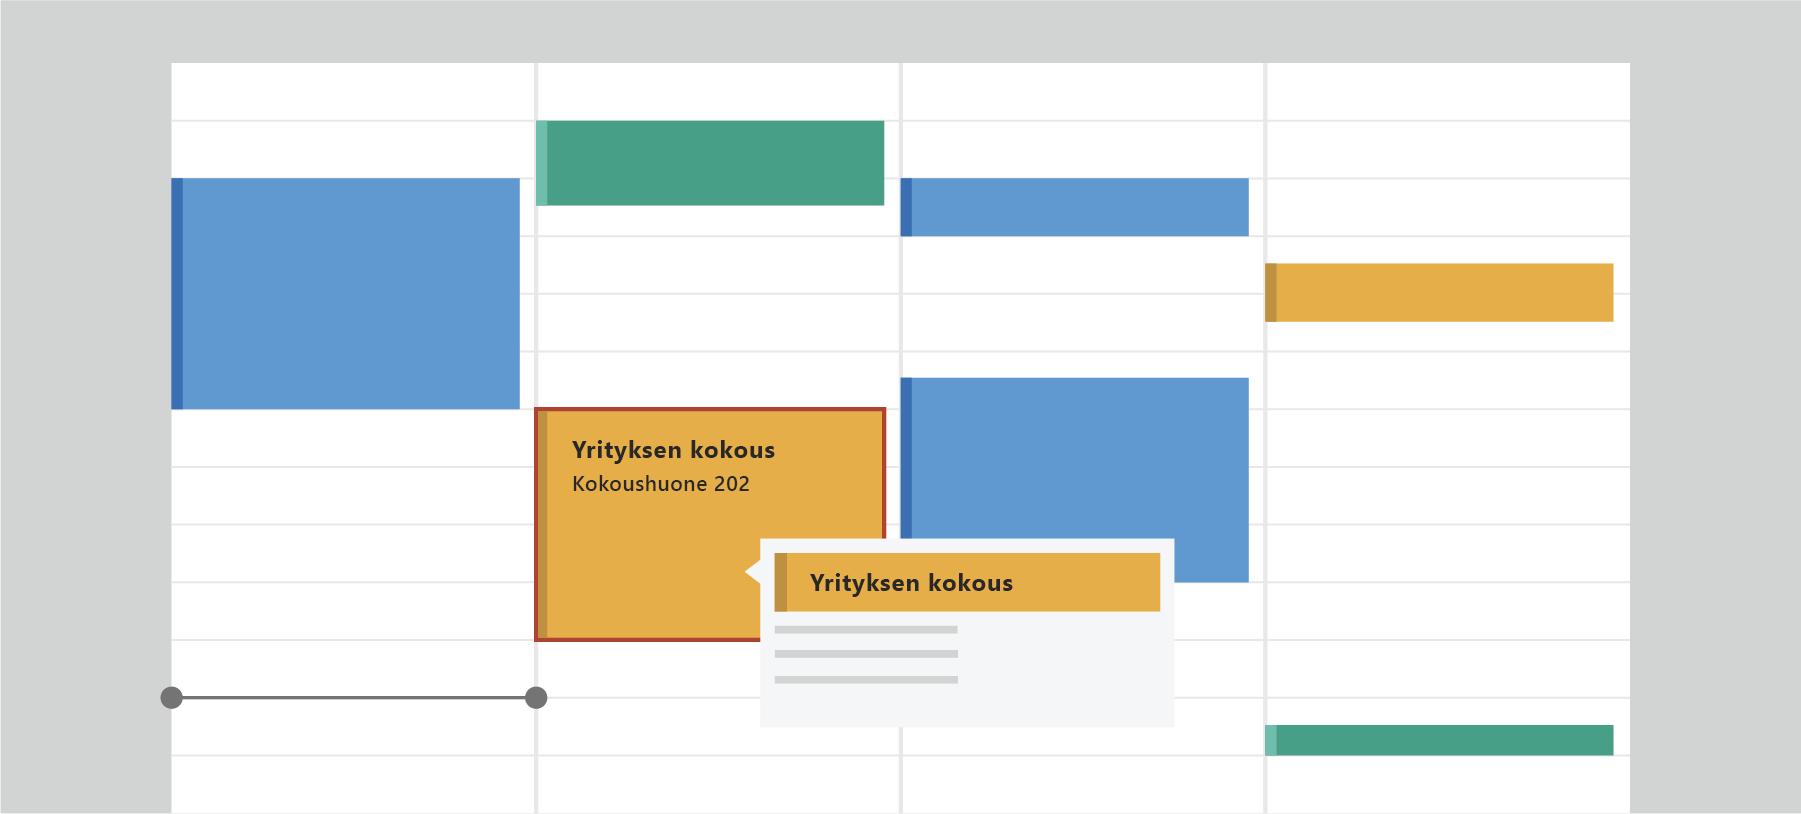 Näyttää Outlookin kalenterin